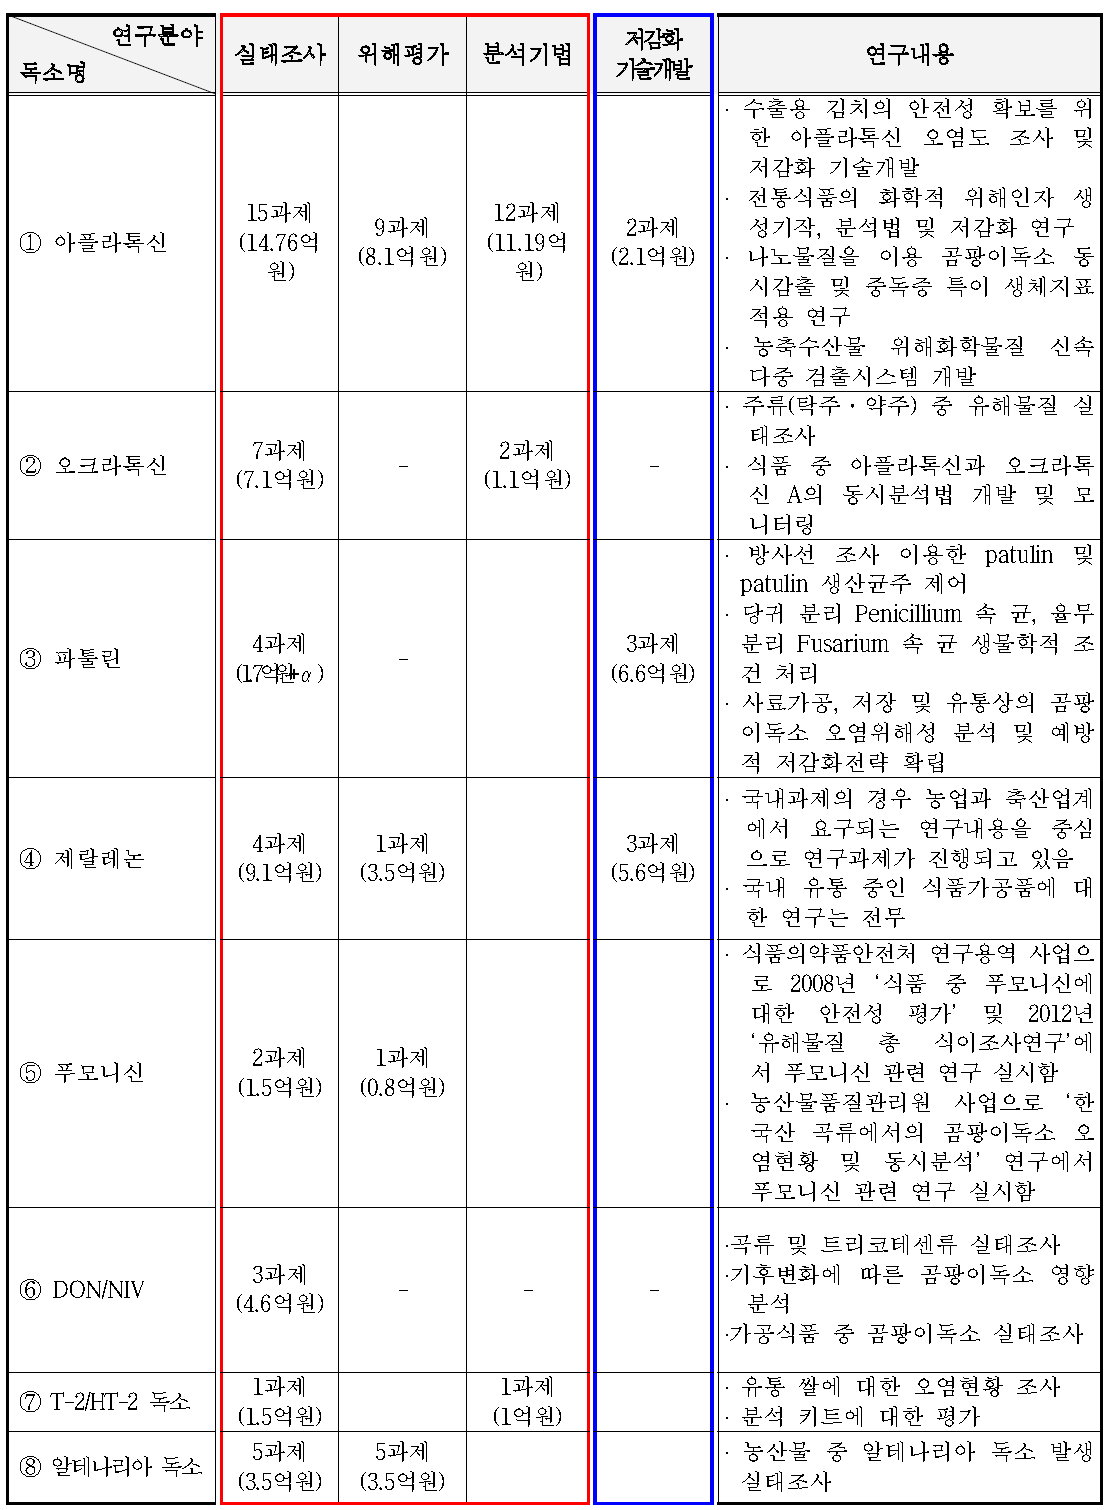 국내 곰팡이독소별 저감화 연구 현황